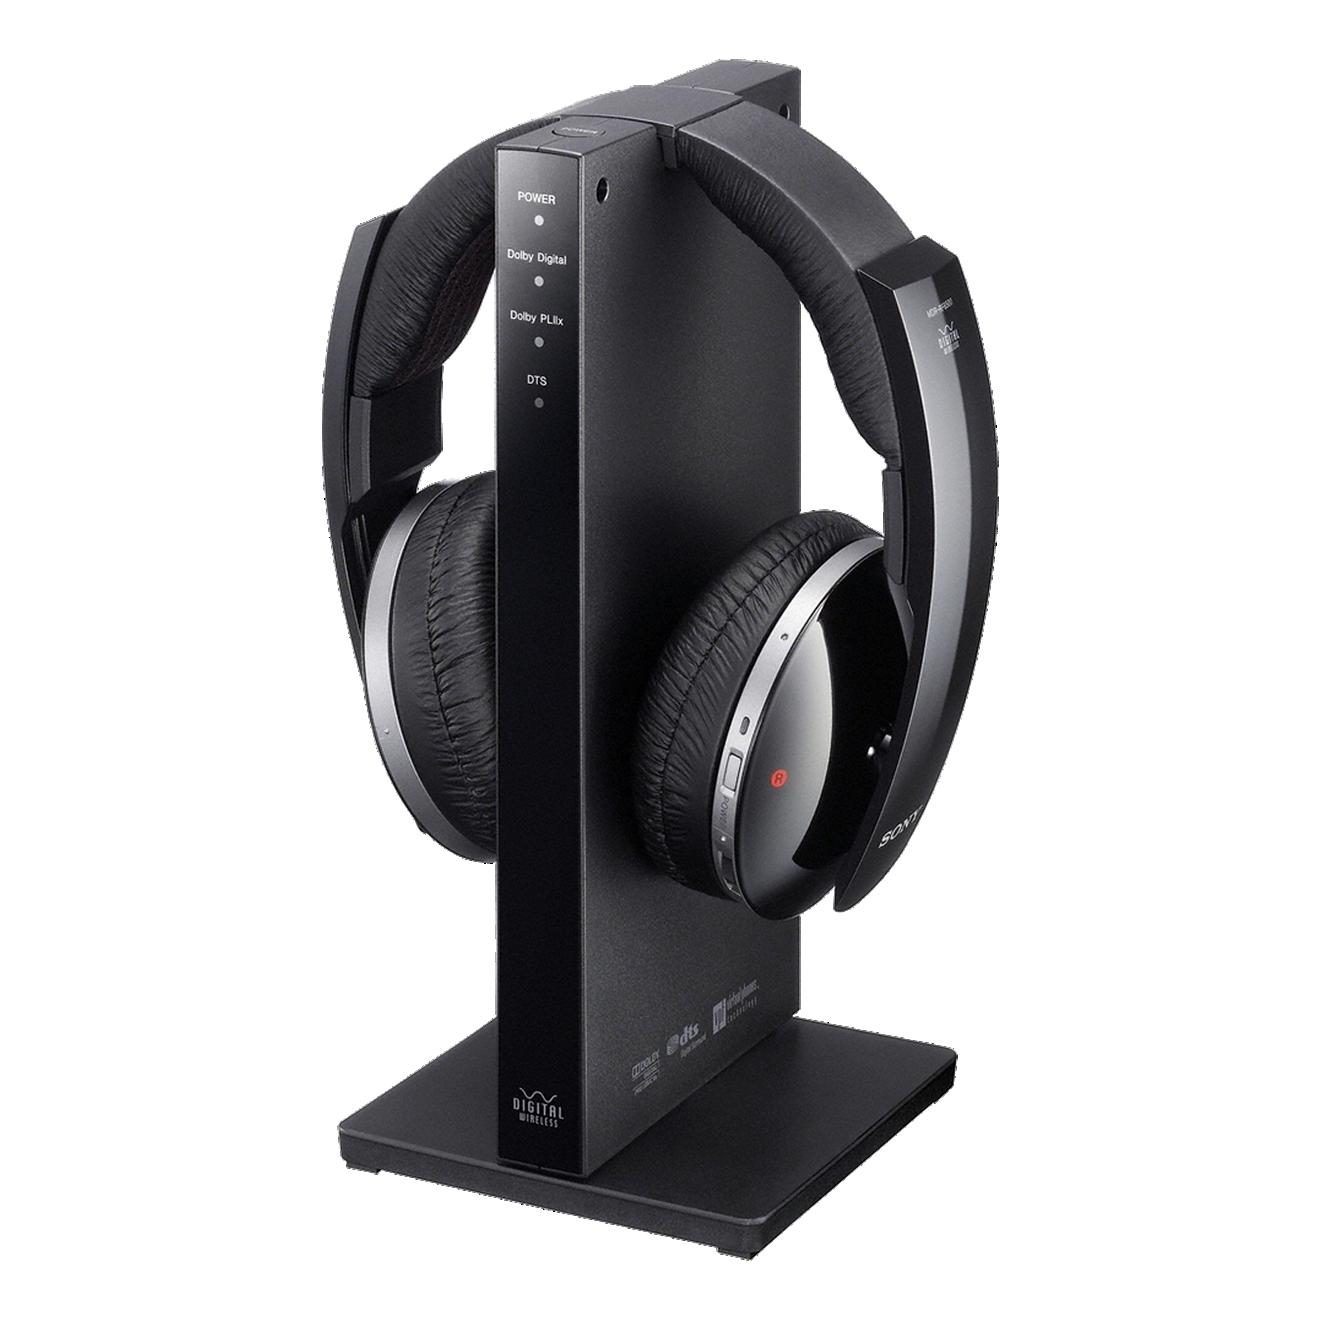 casque audio sans fil pour tv thomson whp3001bk casque tv sans fil noir 058a073d2598